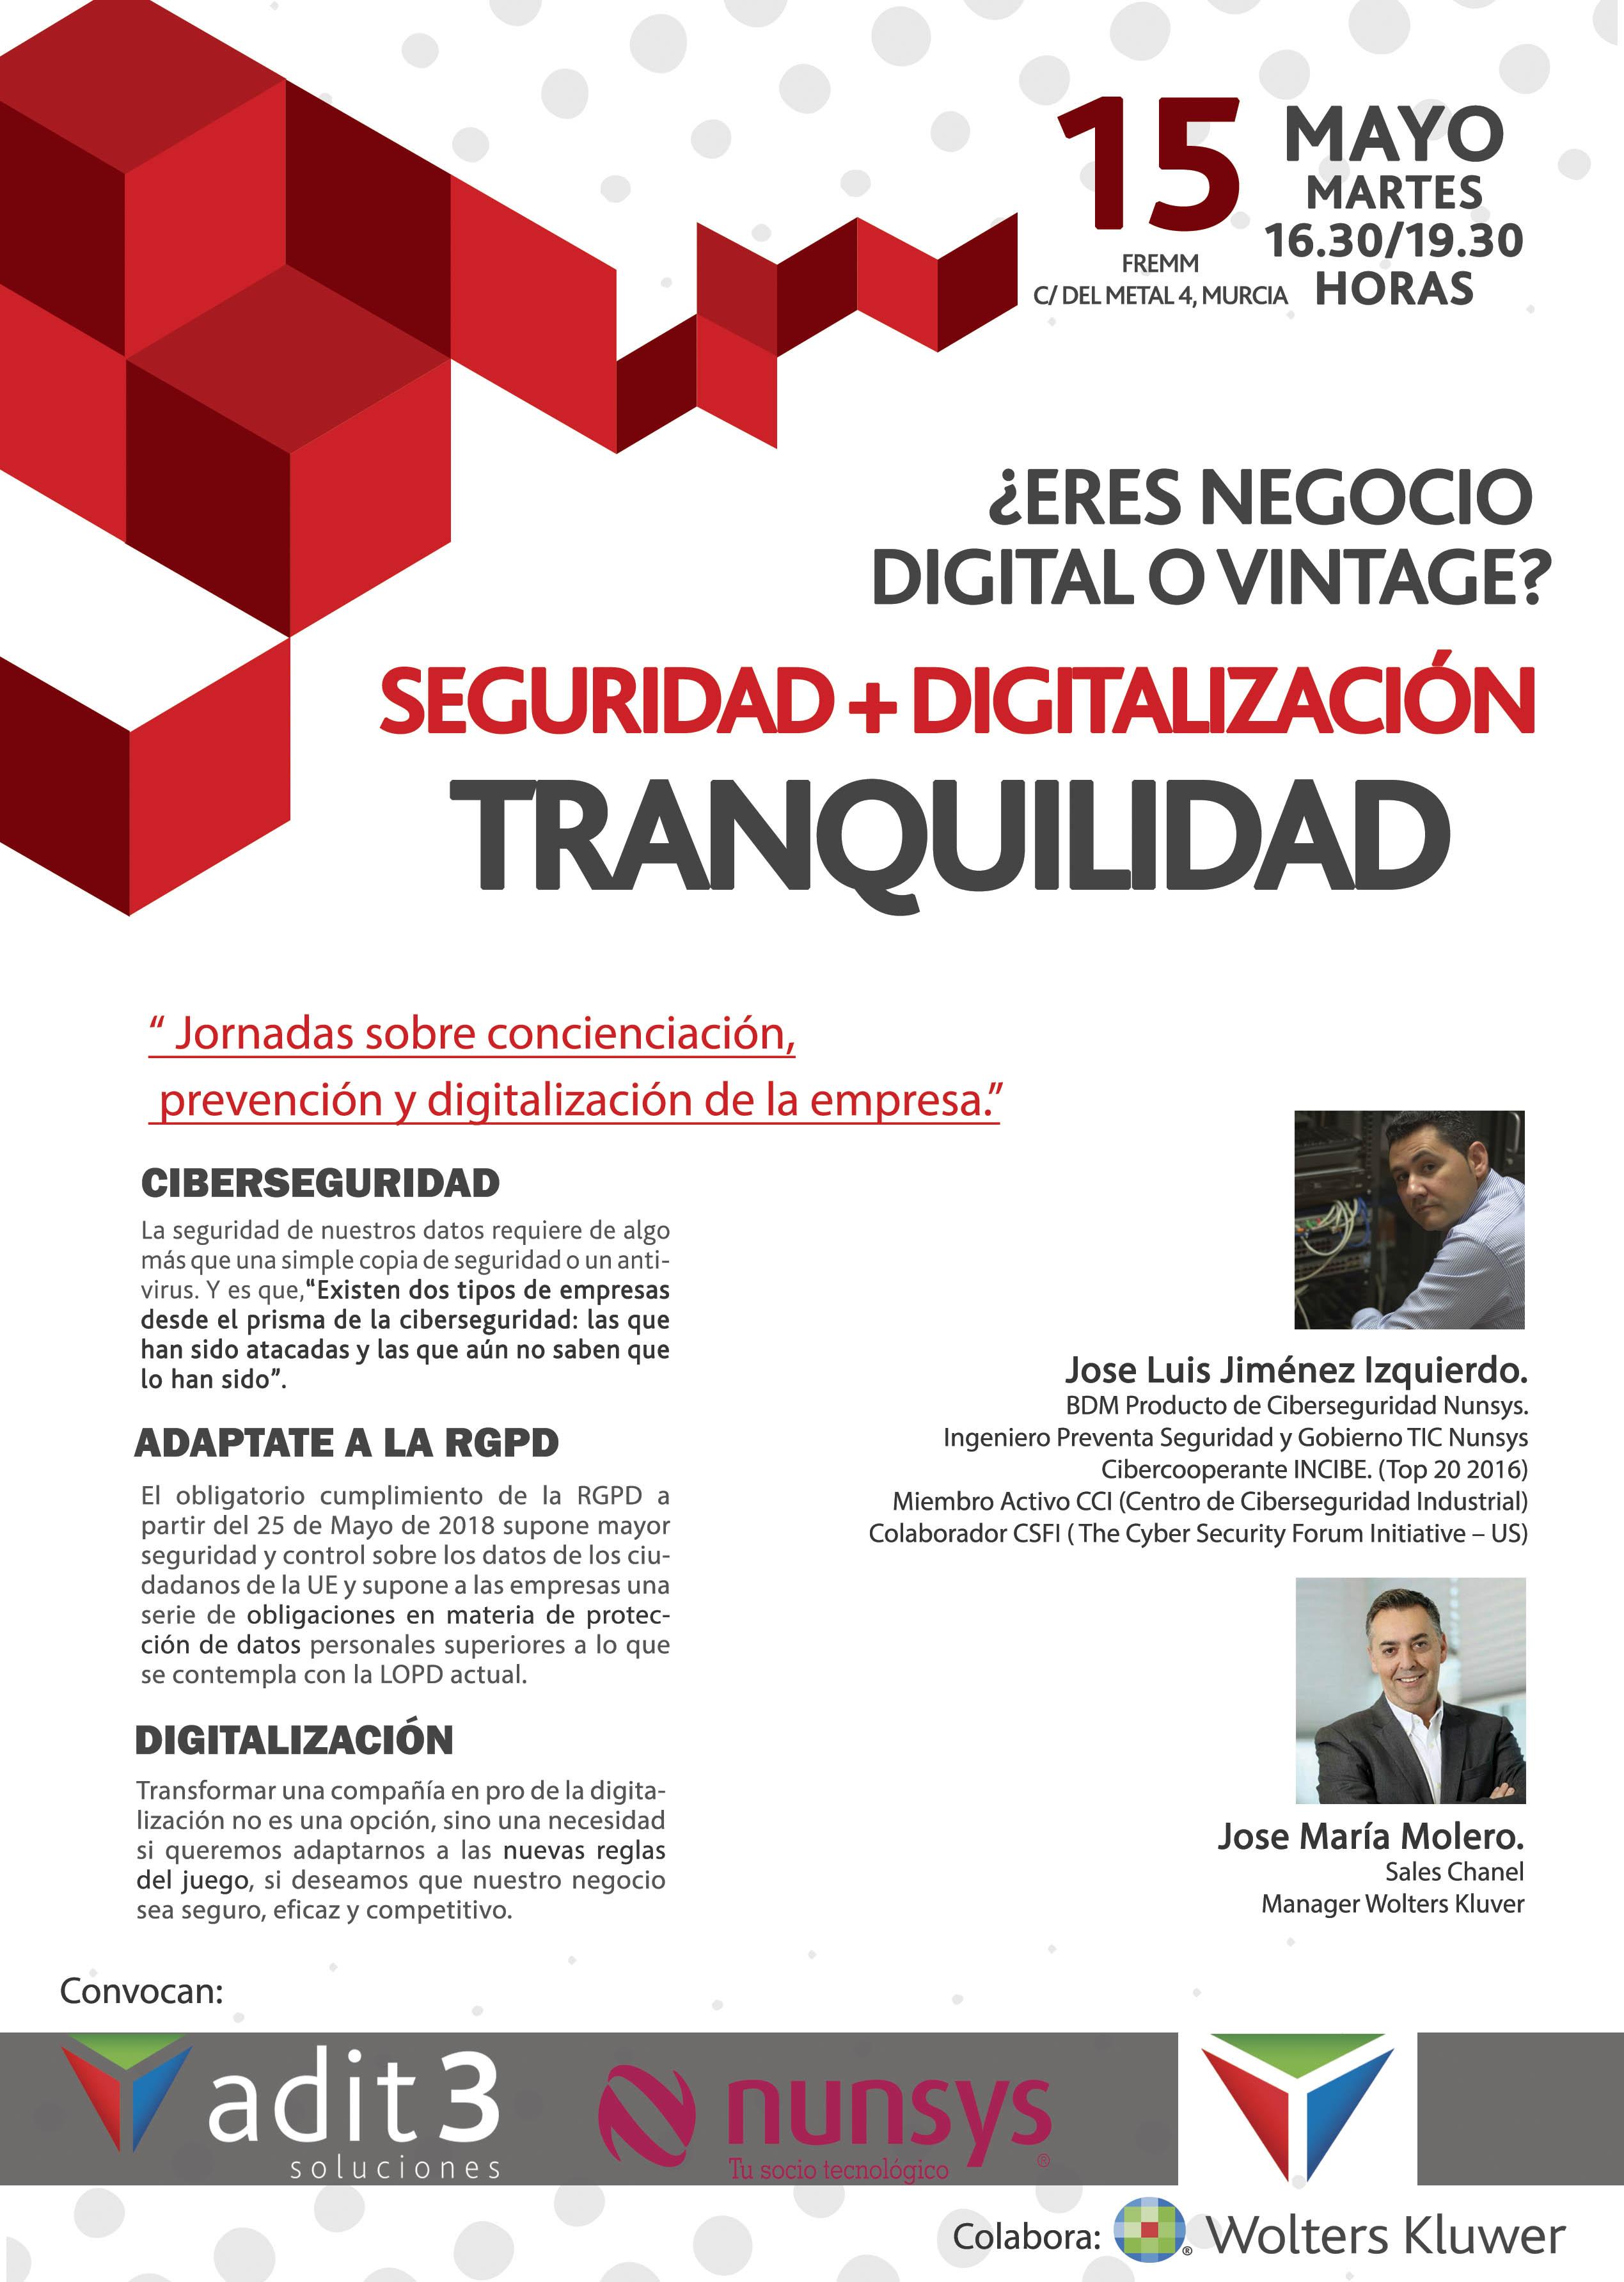 FREMM da las claves para la protección de datos y la digitalización